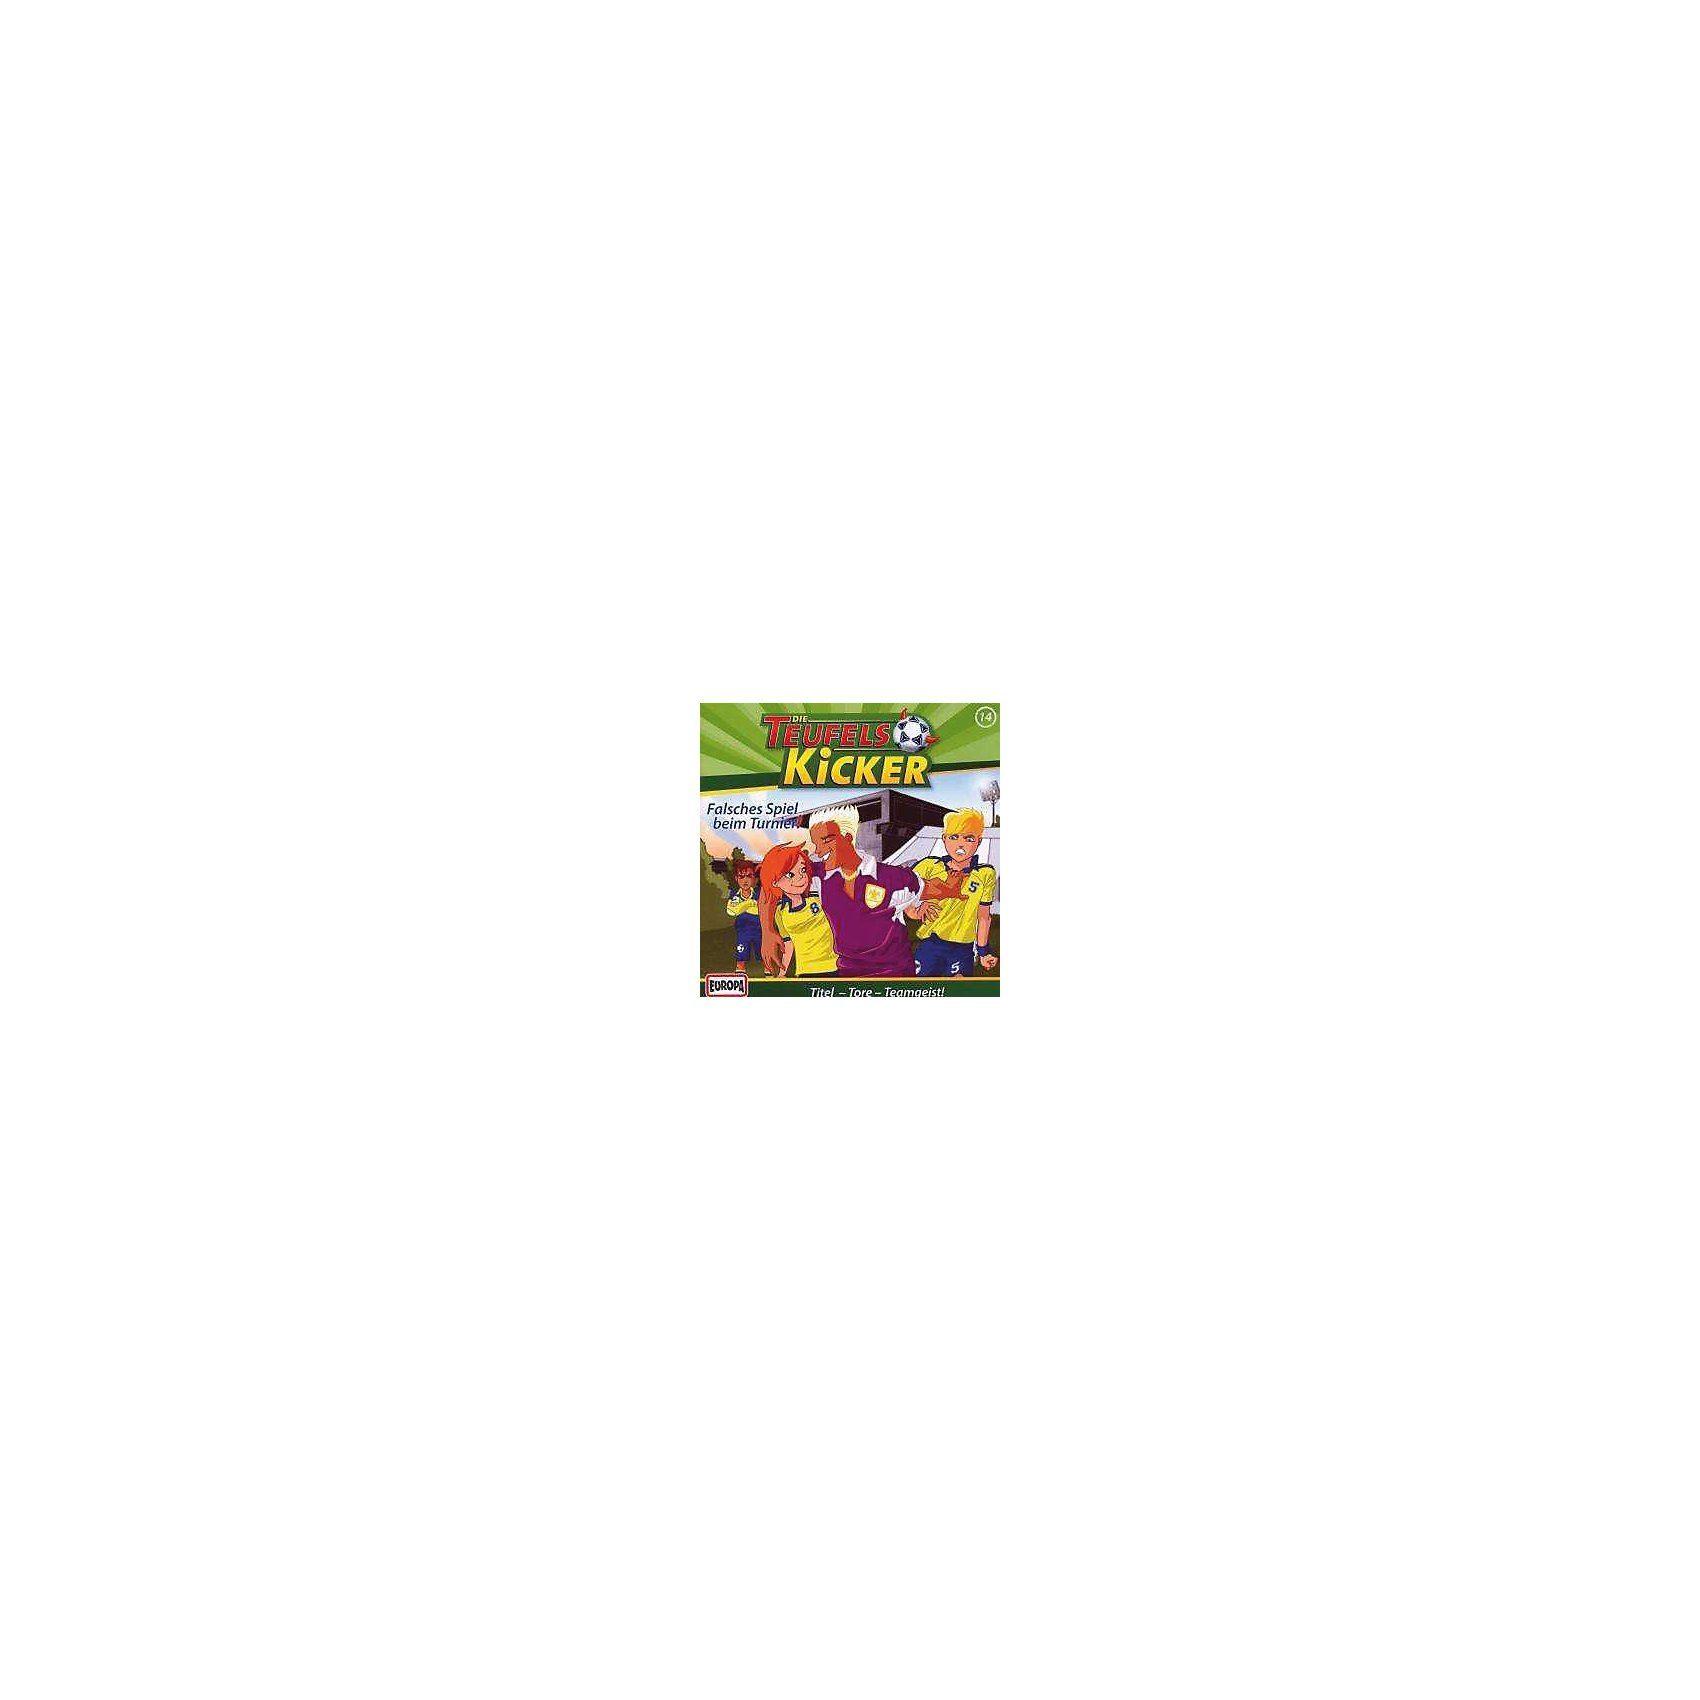 SONY BMG MUSIC CD Teufelskicker 14 Falsches Spiel im Turnier